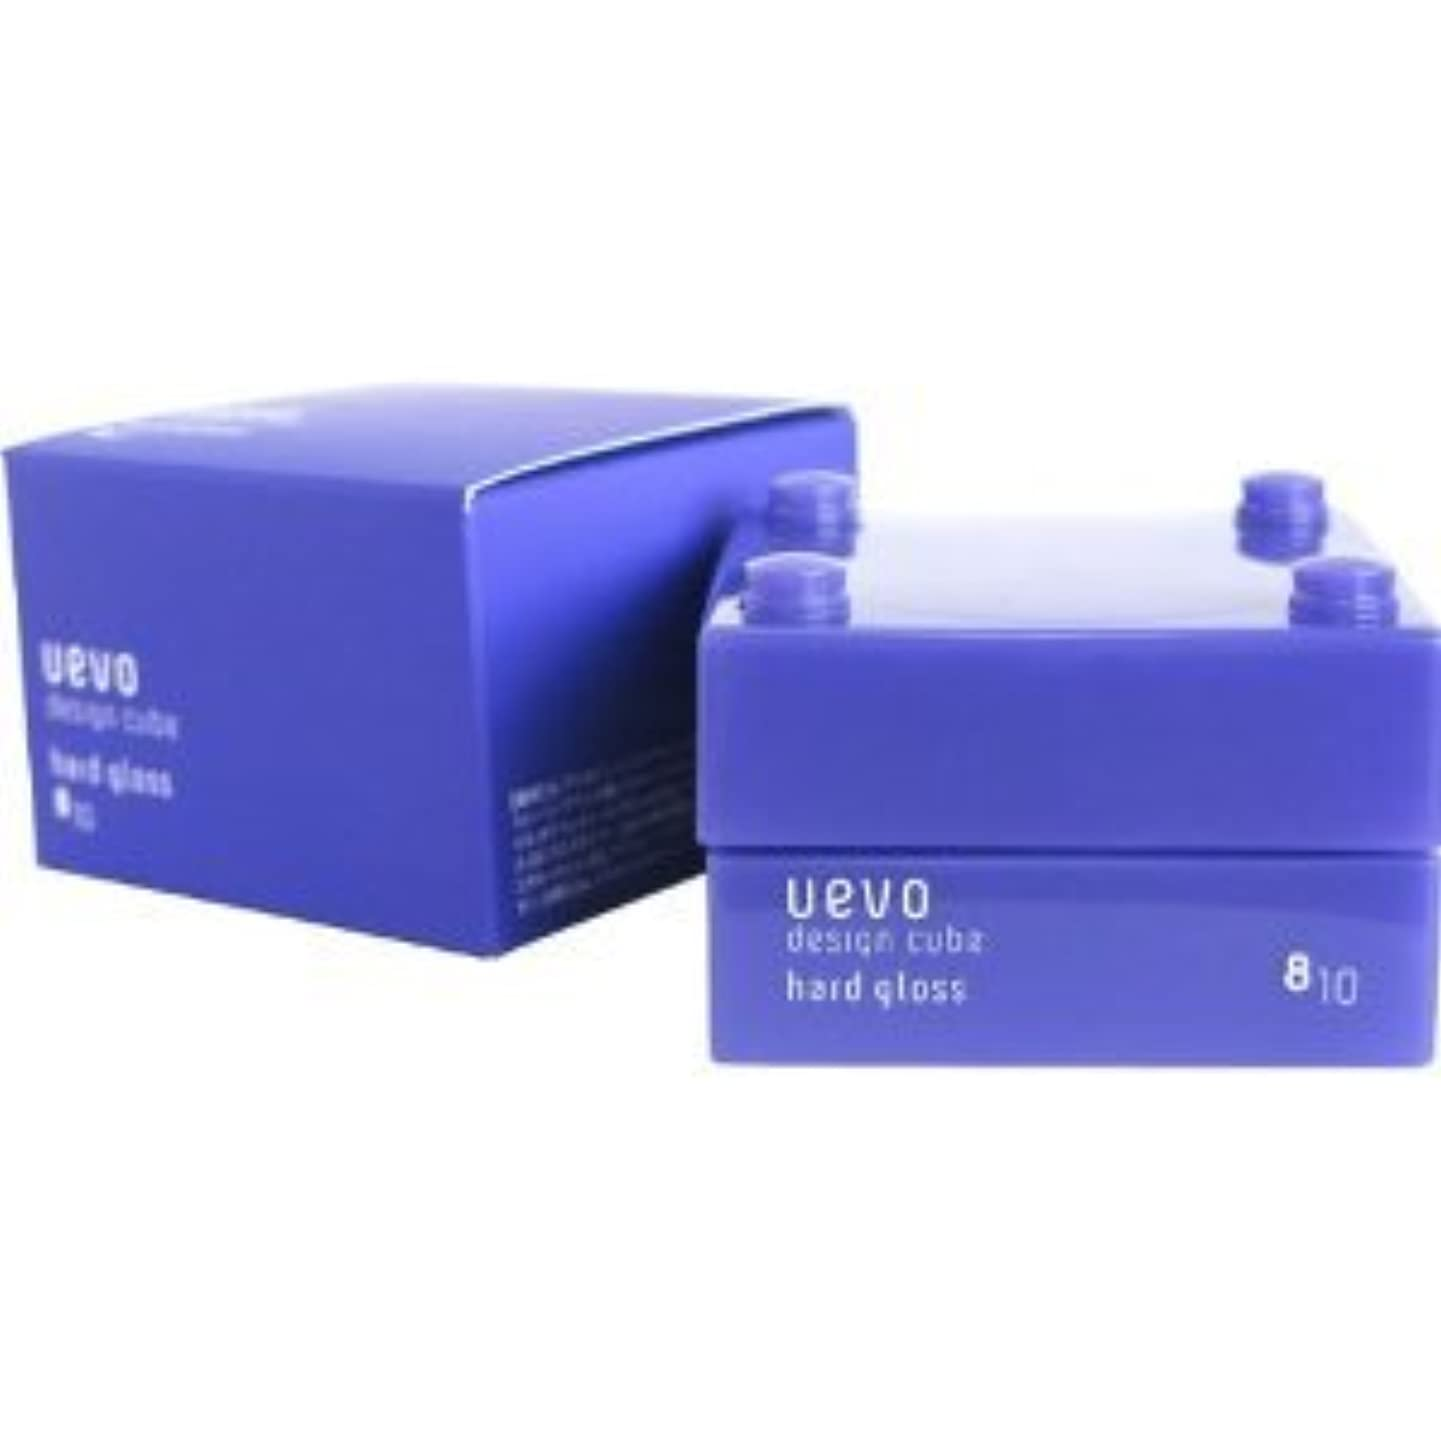 ここに子供時代宿る【X2個セット】 デミ ウェーボ デザインキューブ ハードグロス 30g hard gloss DEMI uevo design cube